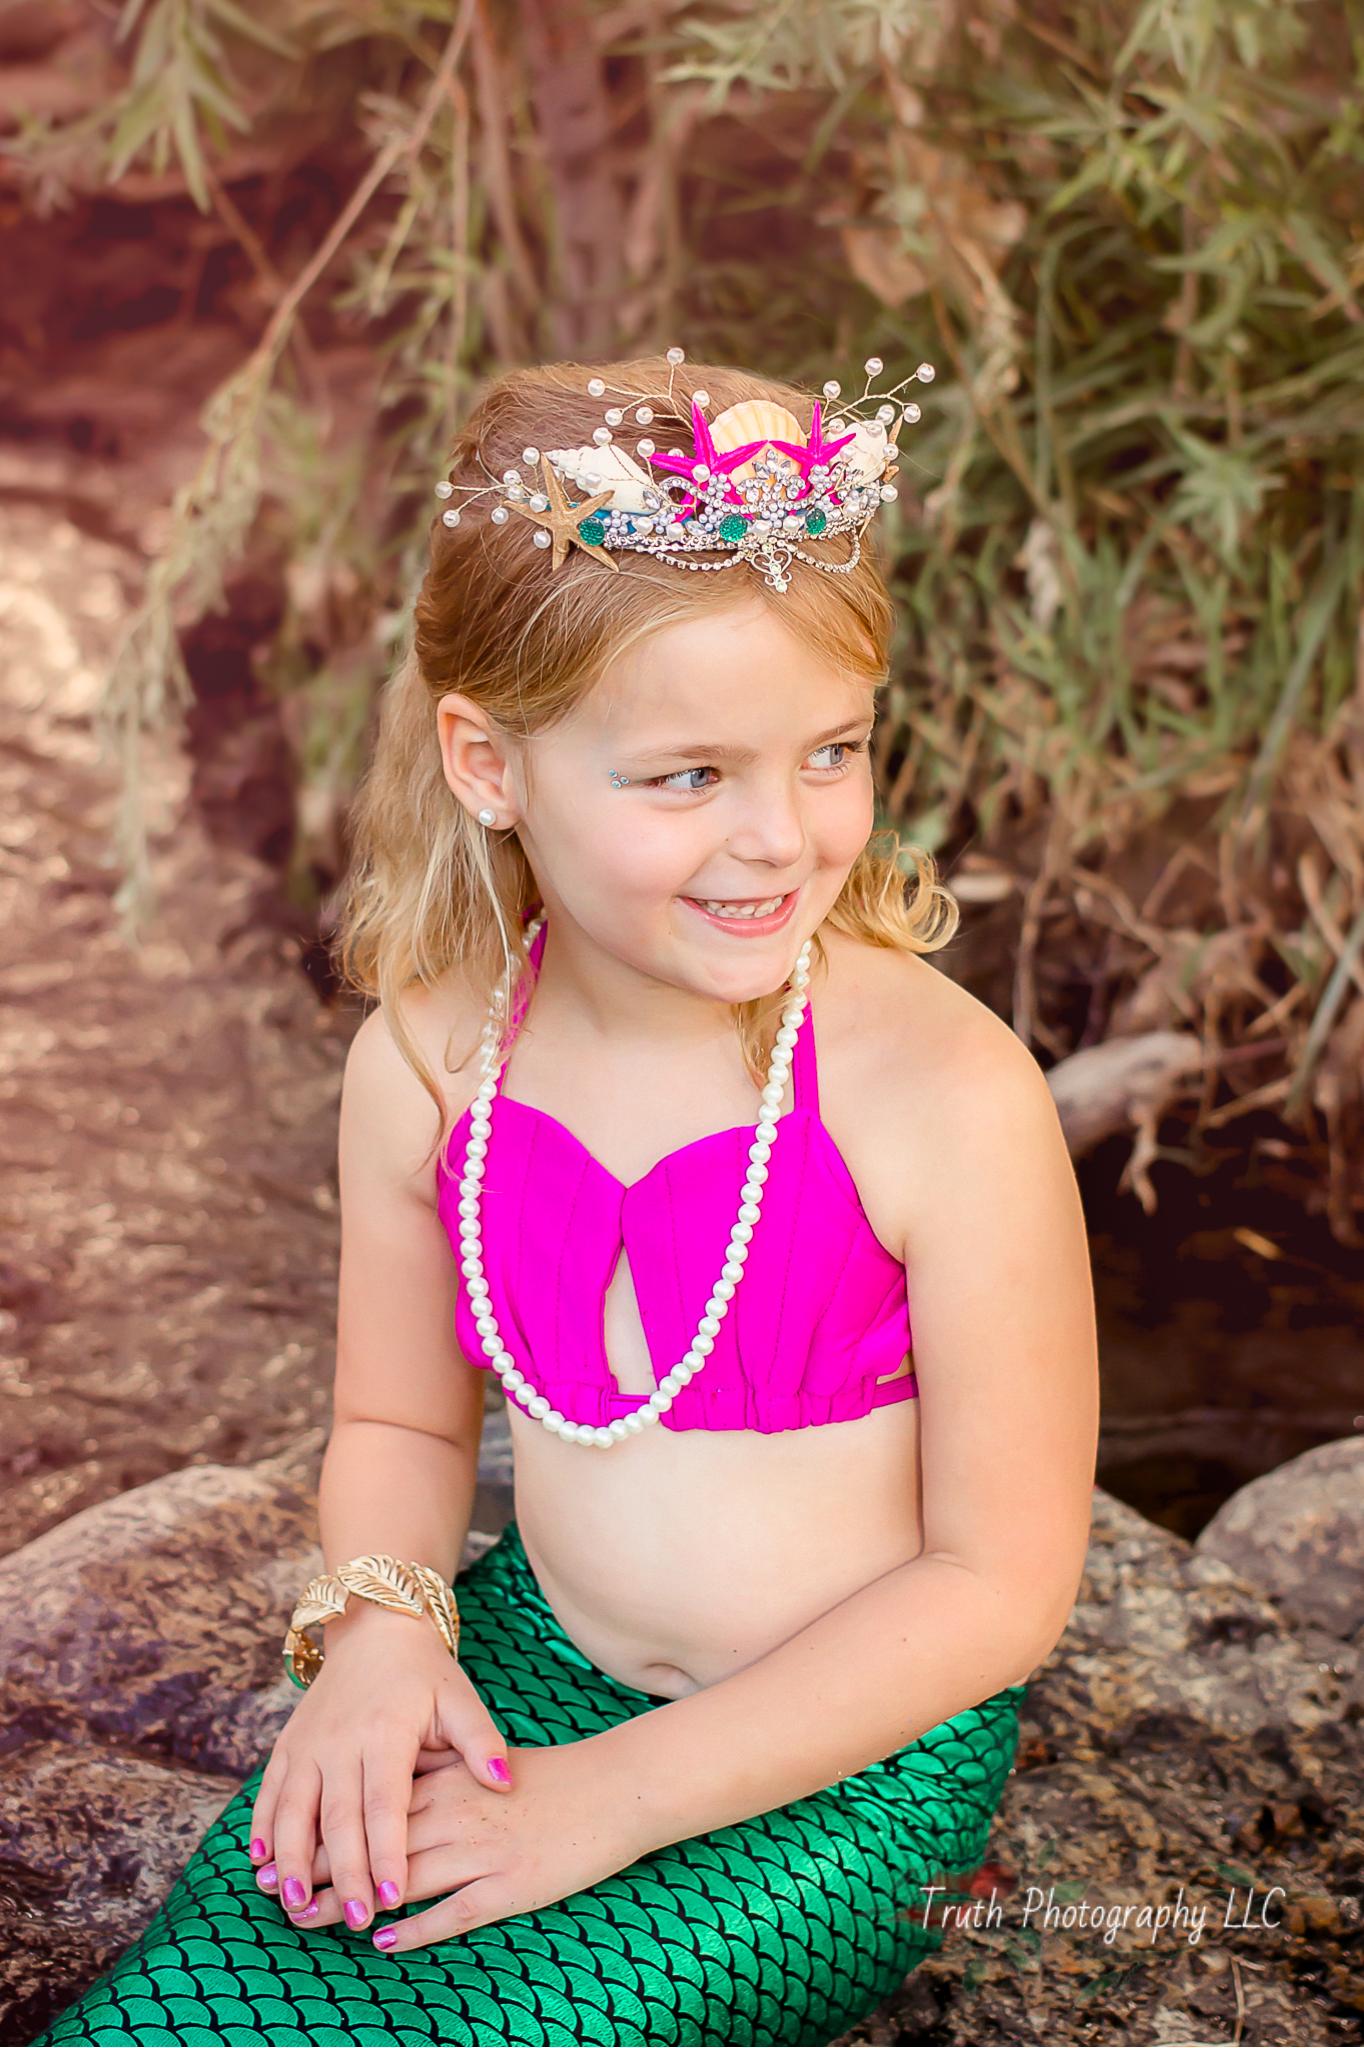 Truth-Photography-Denver-CO-mermaid-photos.jpg